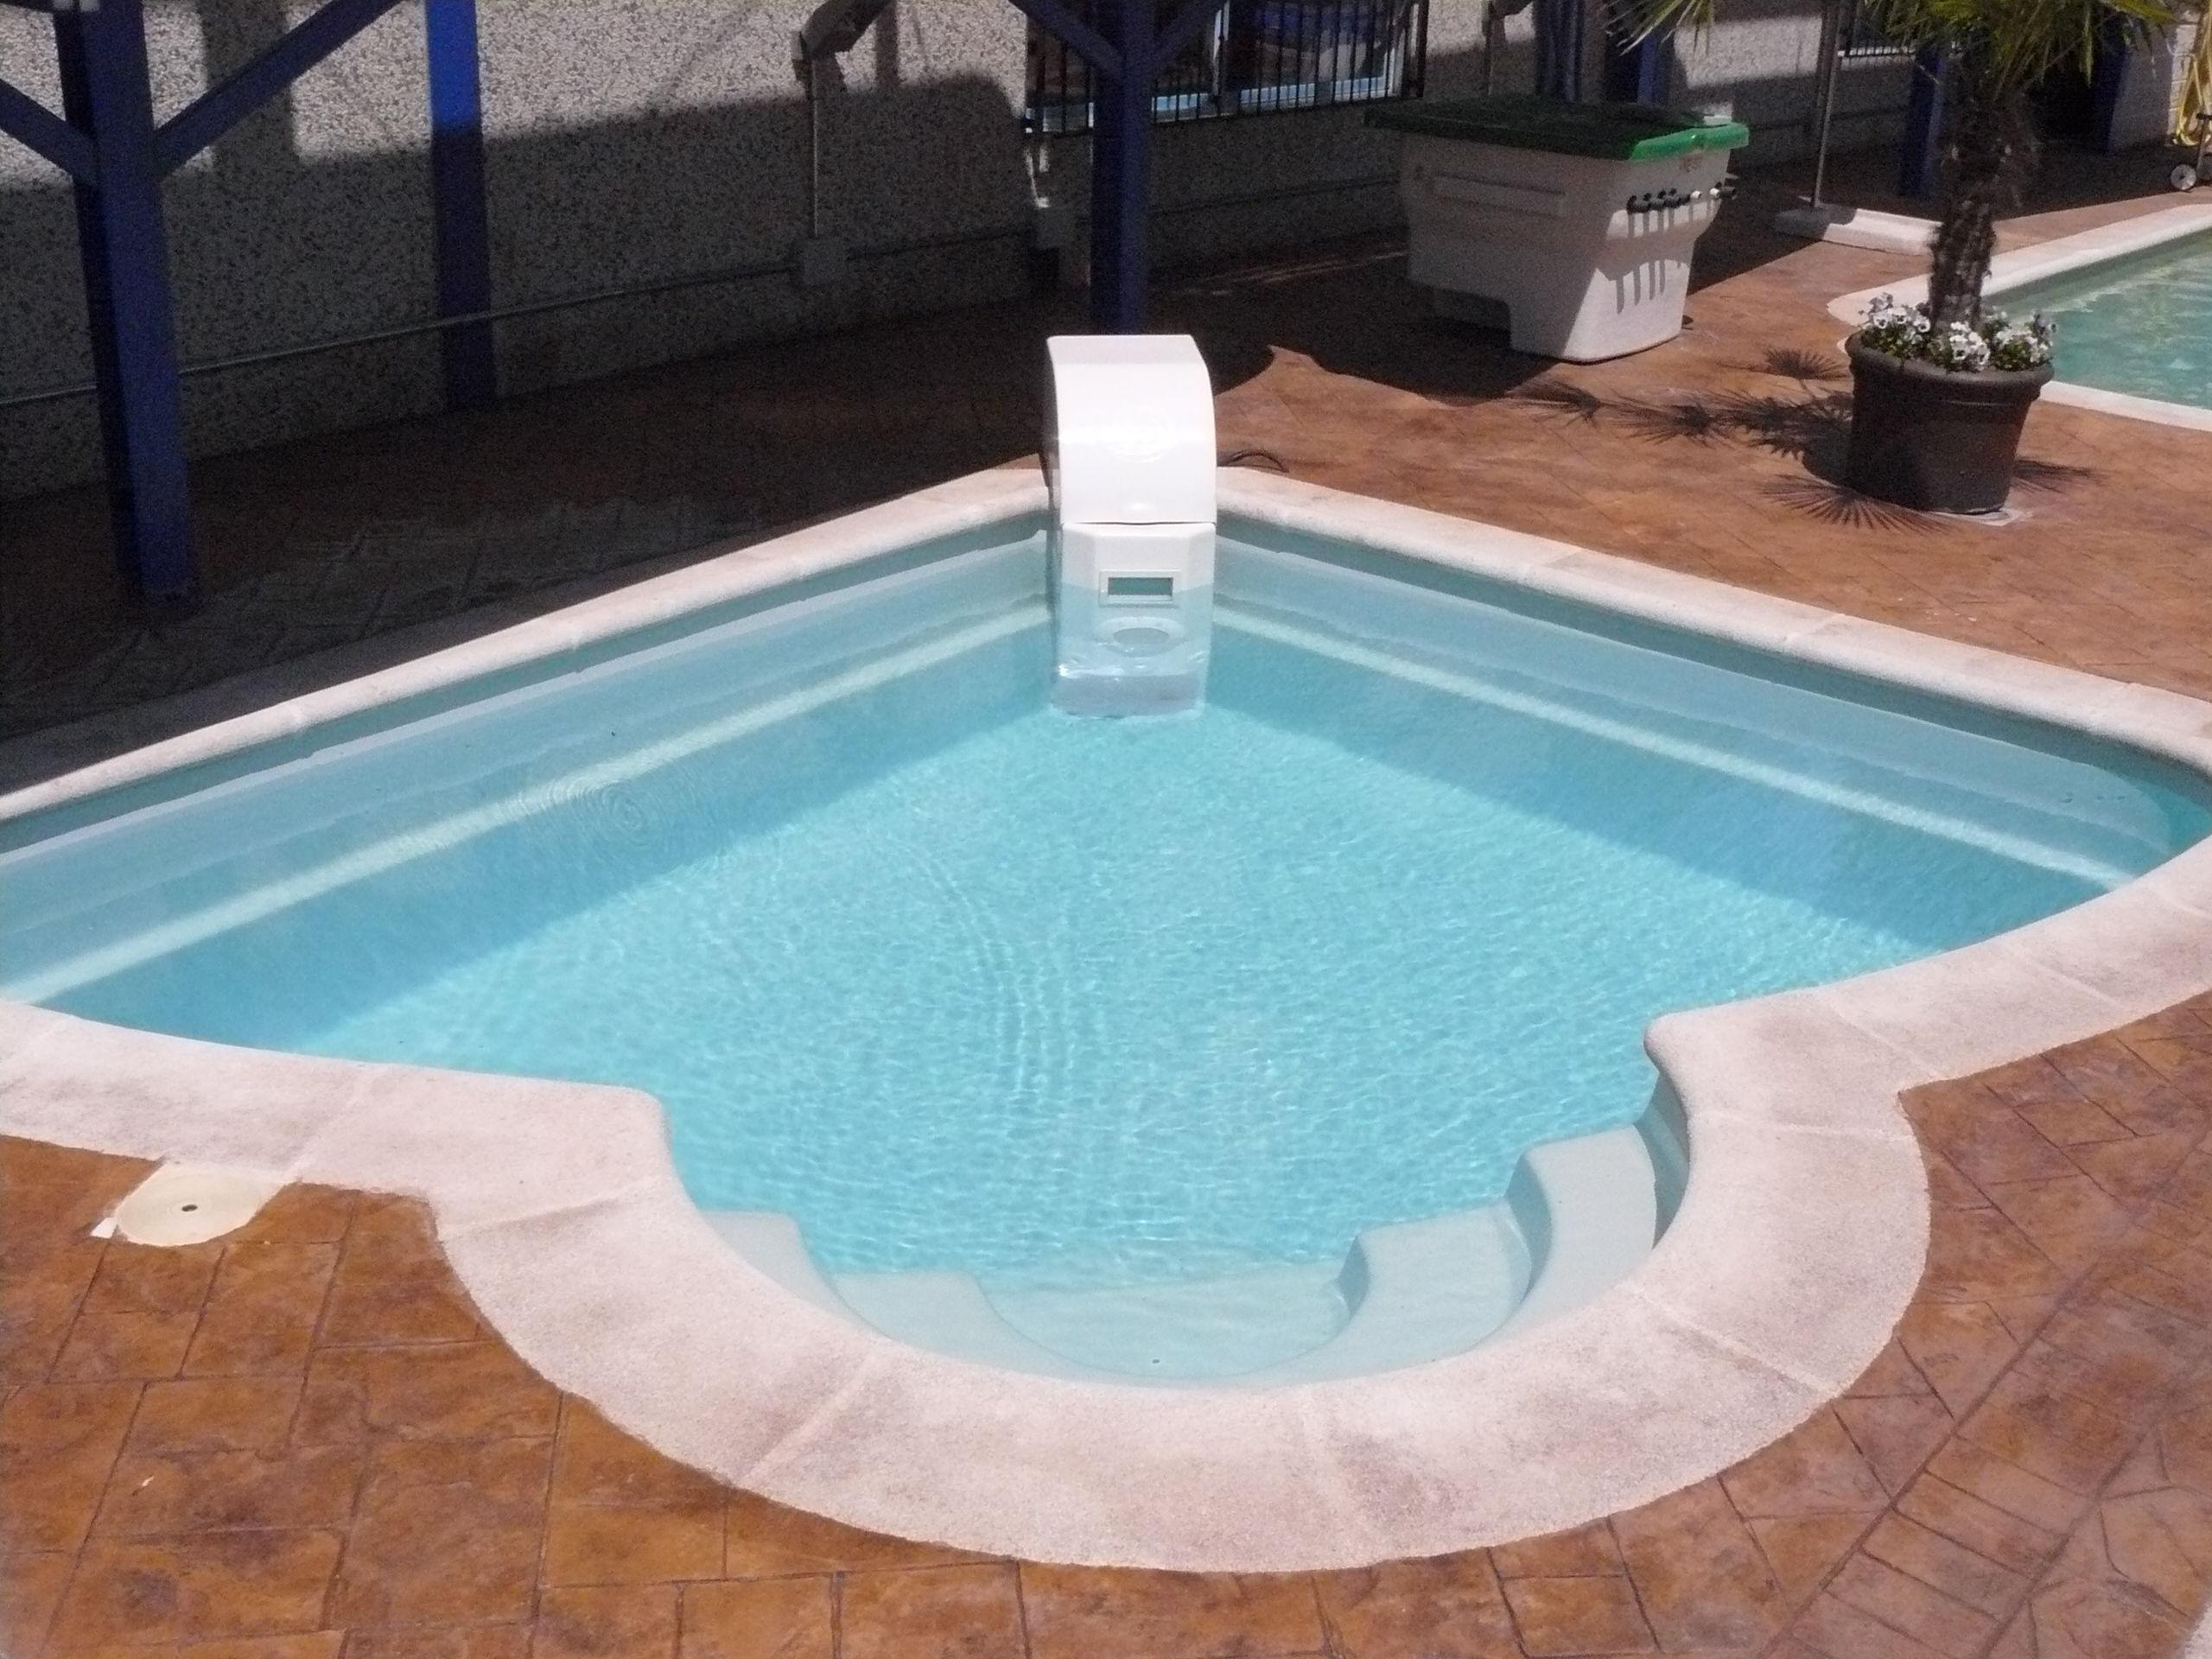 fabricante piscina poliester: